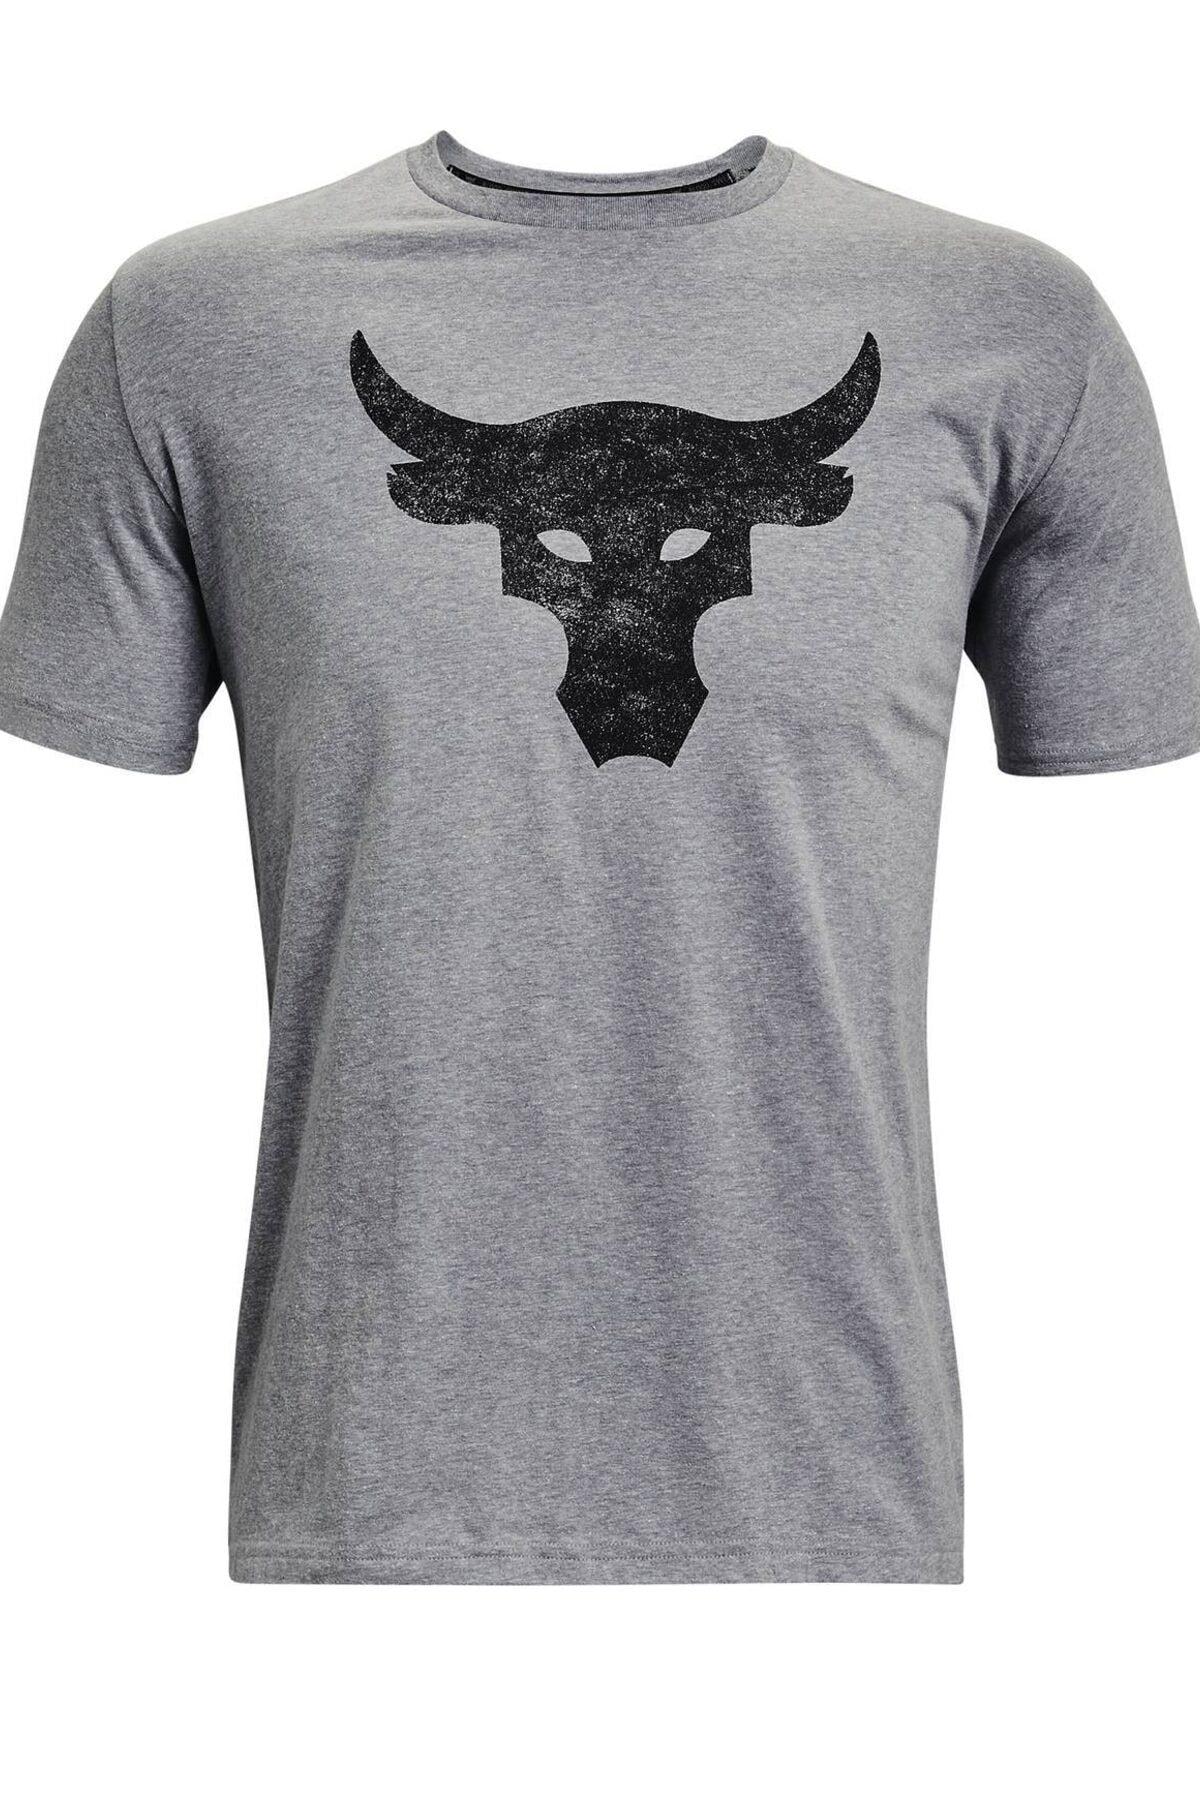 Under Armour Erkek Spor T-Shirt - UA Pjt Rock Brahma Bull SS - 1361733-035 1